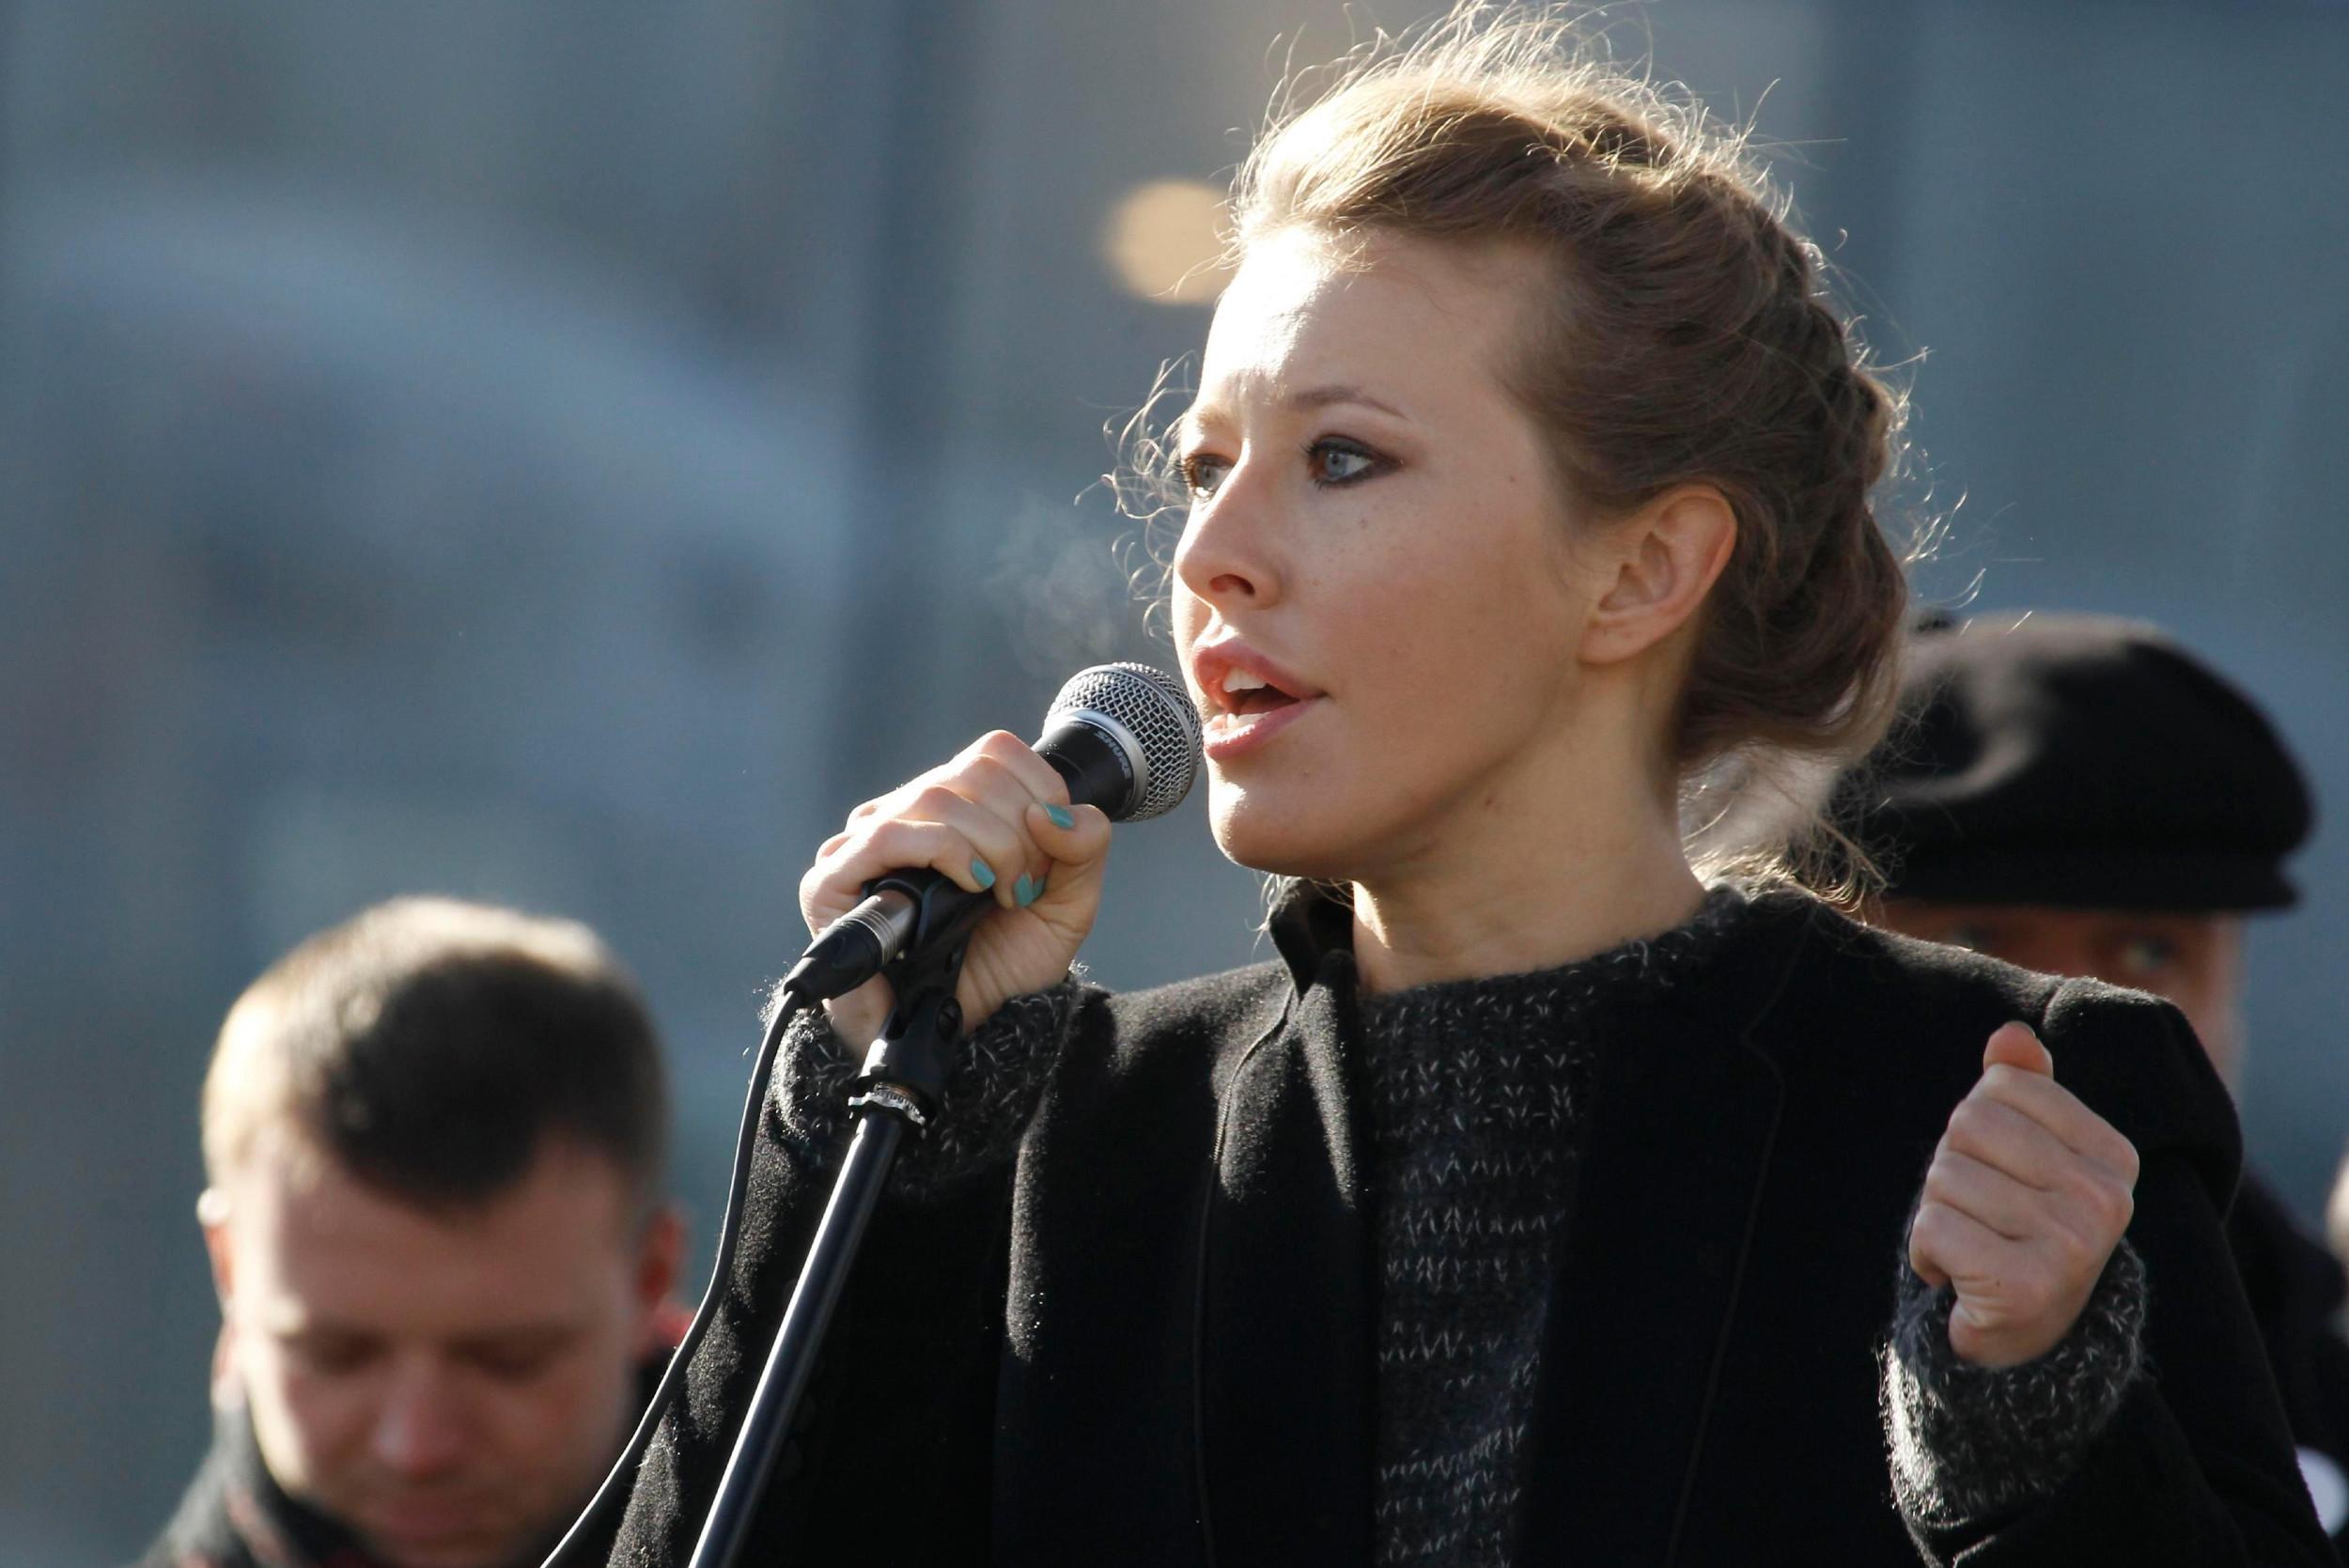 Opoziciona aktivistkinja Ksenija Sobčak drži govor tokom protestnog skupa, Moskva, 10. mart 2012. (Foto: Sergei Karpukhin/REUTERS)